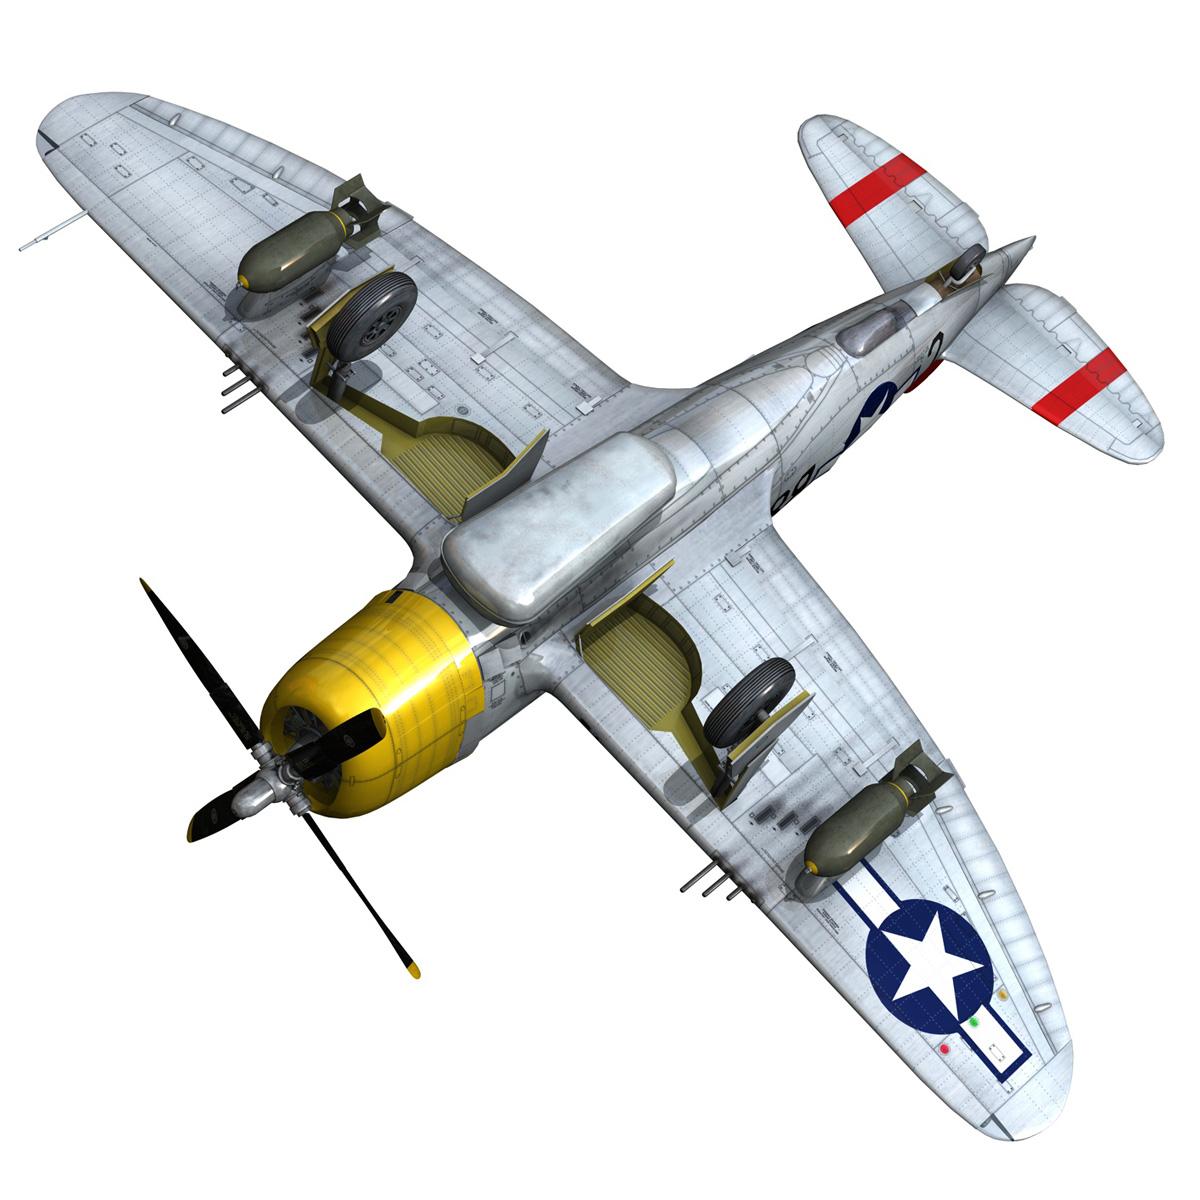 republic p-47d thunderbolt – chief seattle 3d model fbx c4d lwo obj 268217